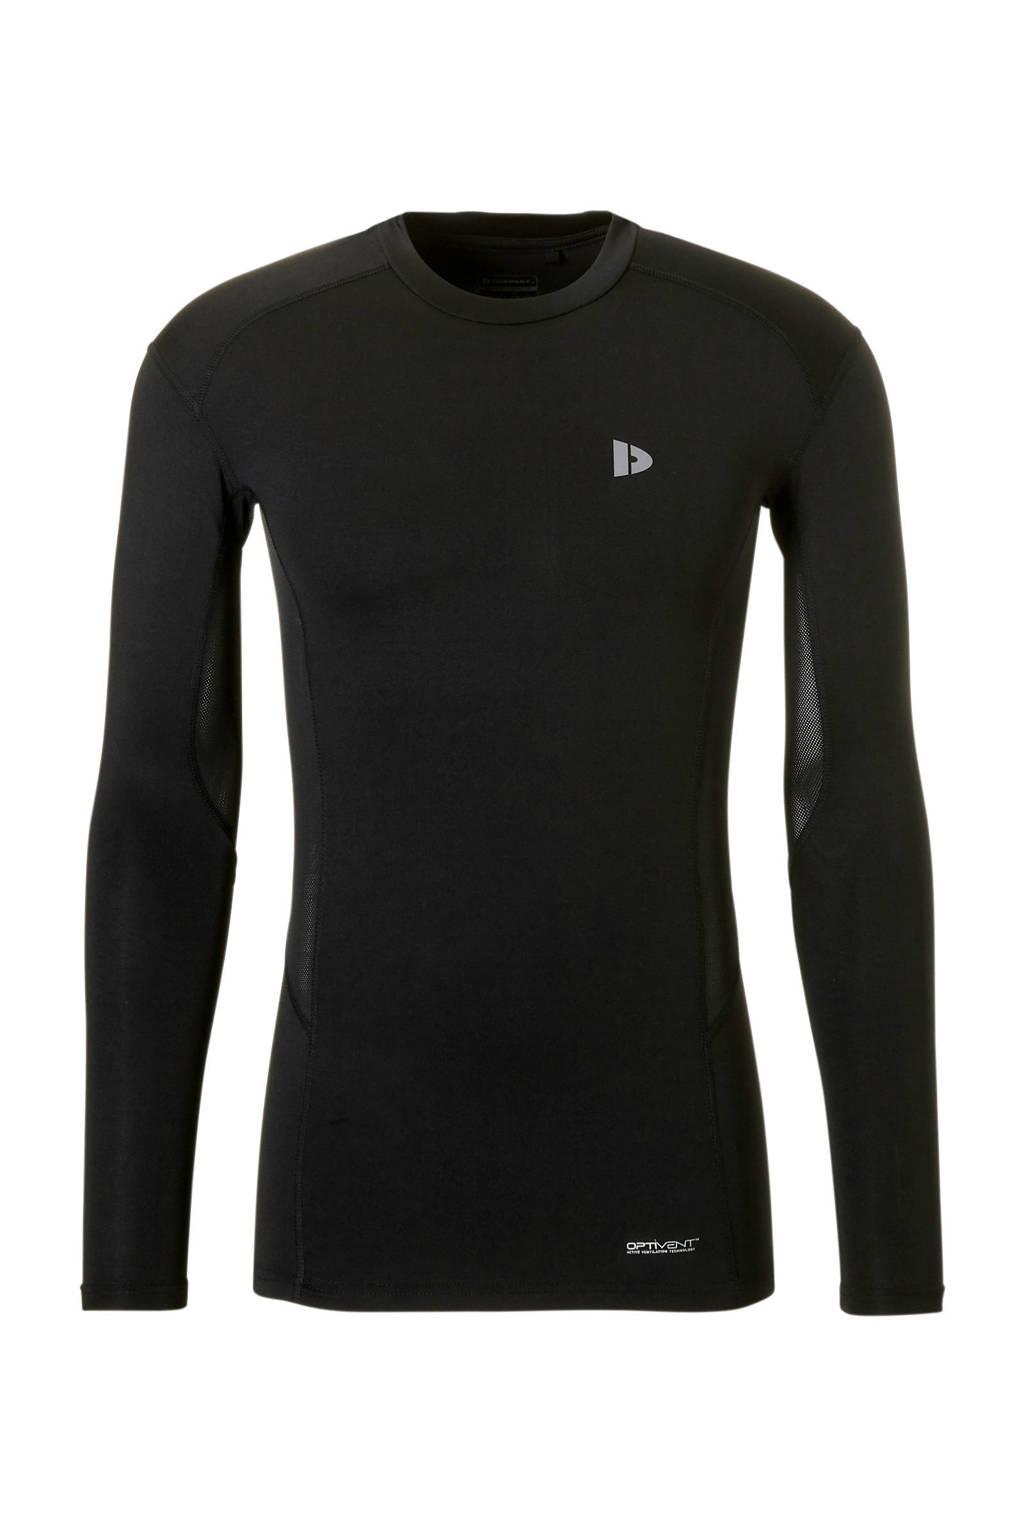 Donnay   sport T-shirt zwart, Zwart